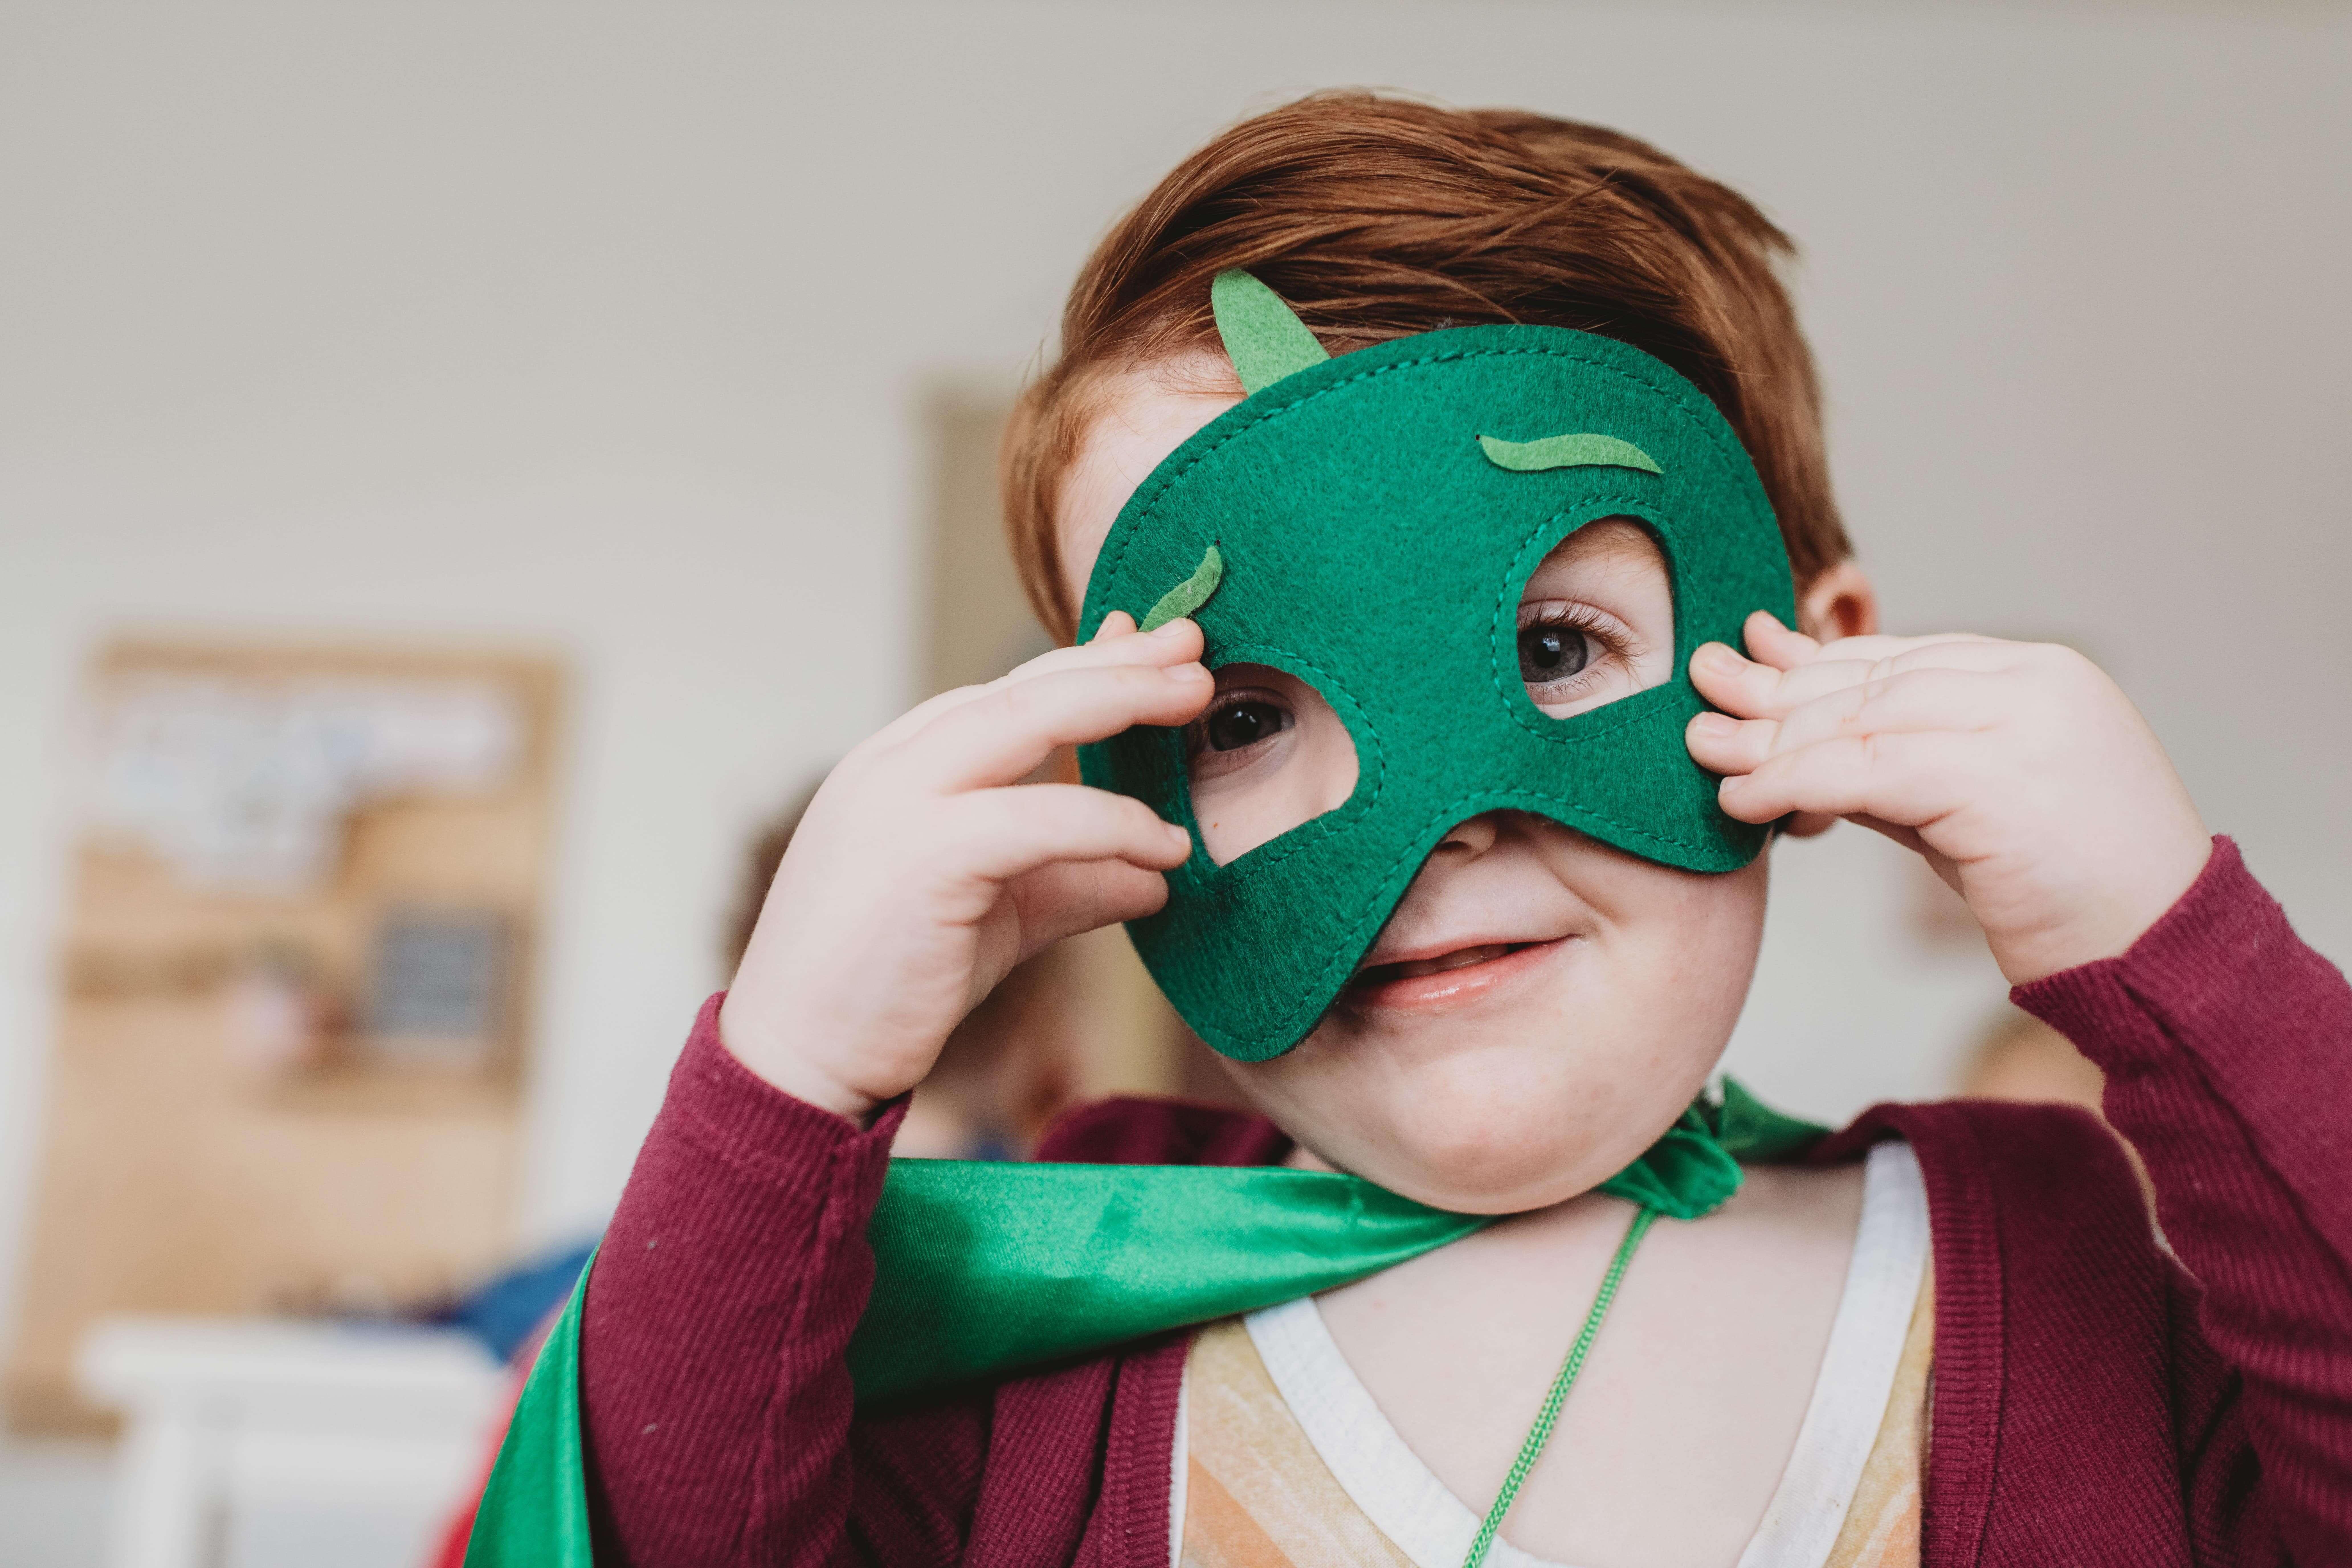 indoor activities for kids includes crafts